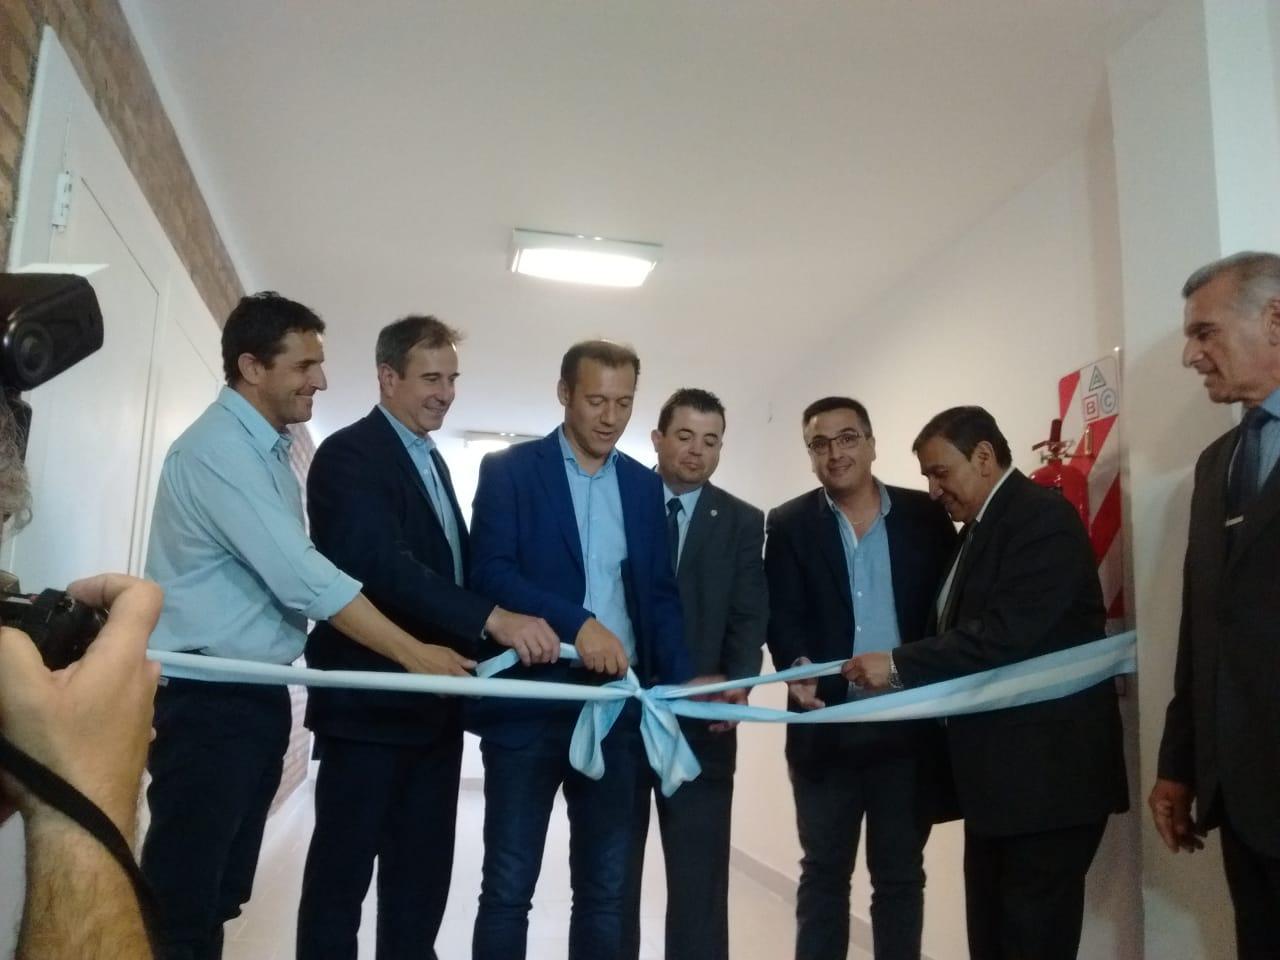 Gutierrez inauguro ampliacion en Hospital Complejidad VI